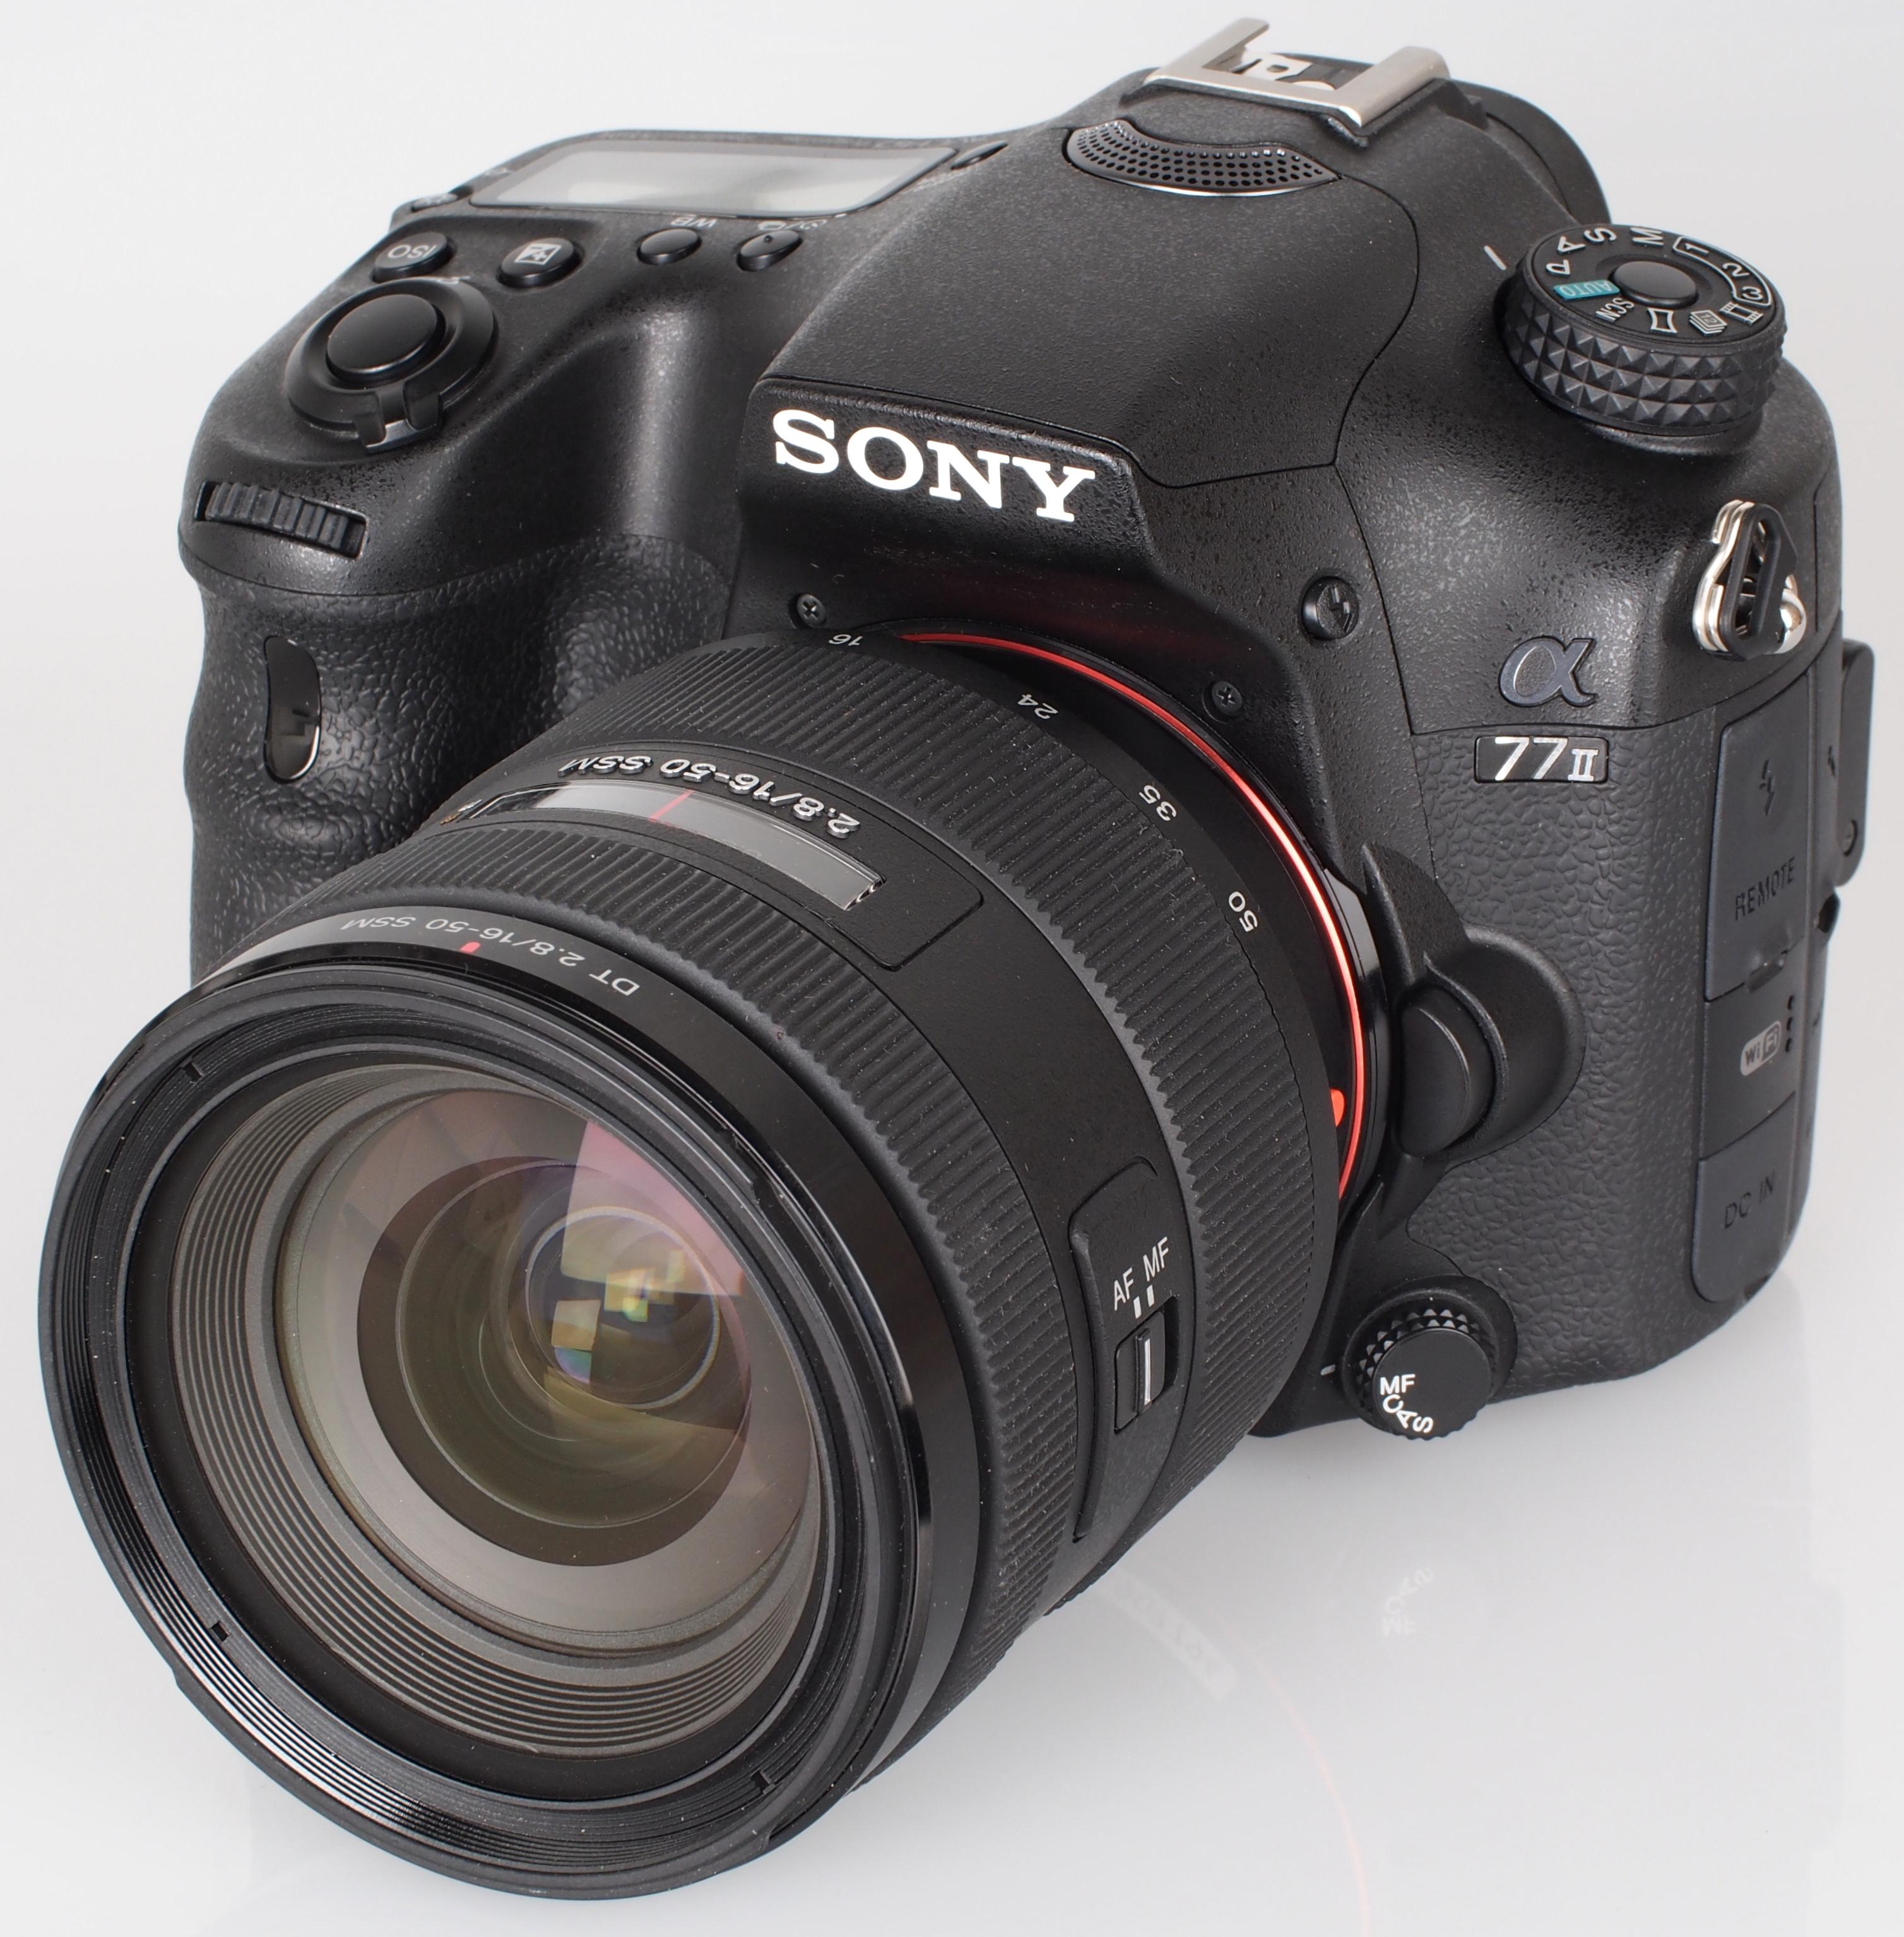 Camera Slt Camera Vs Dslr sony alpha a77 ii slt dslr review 4